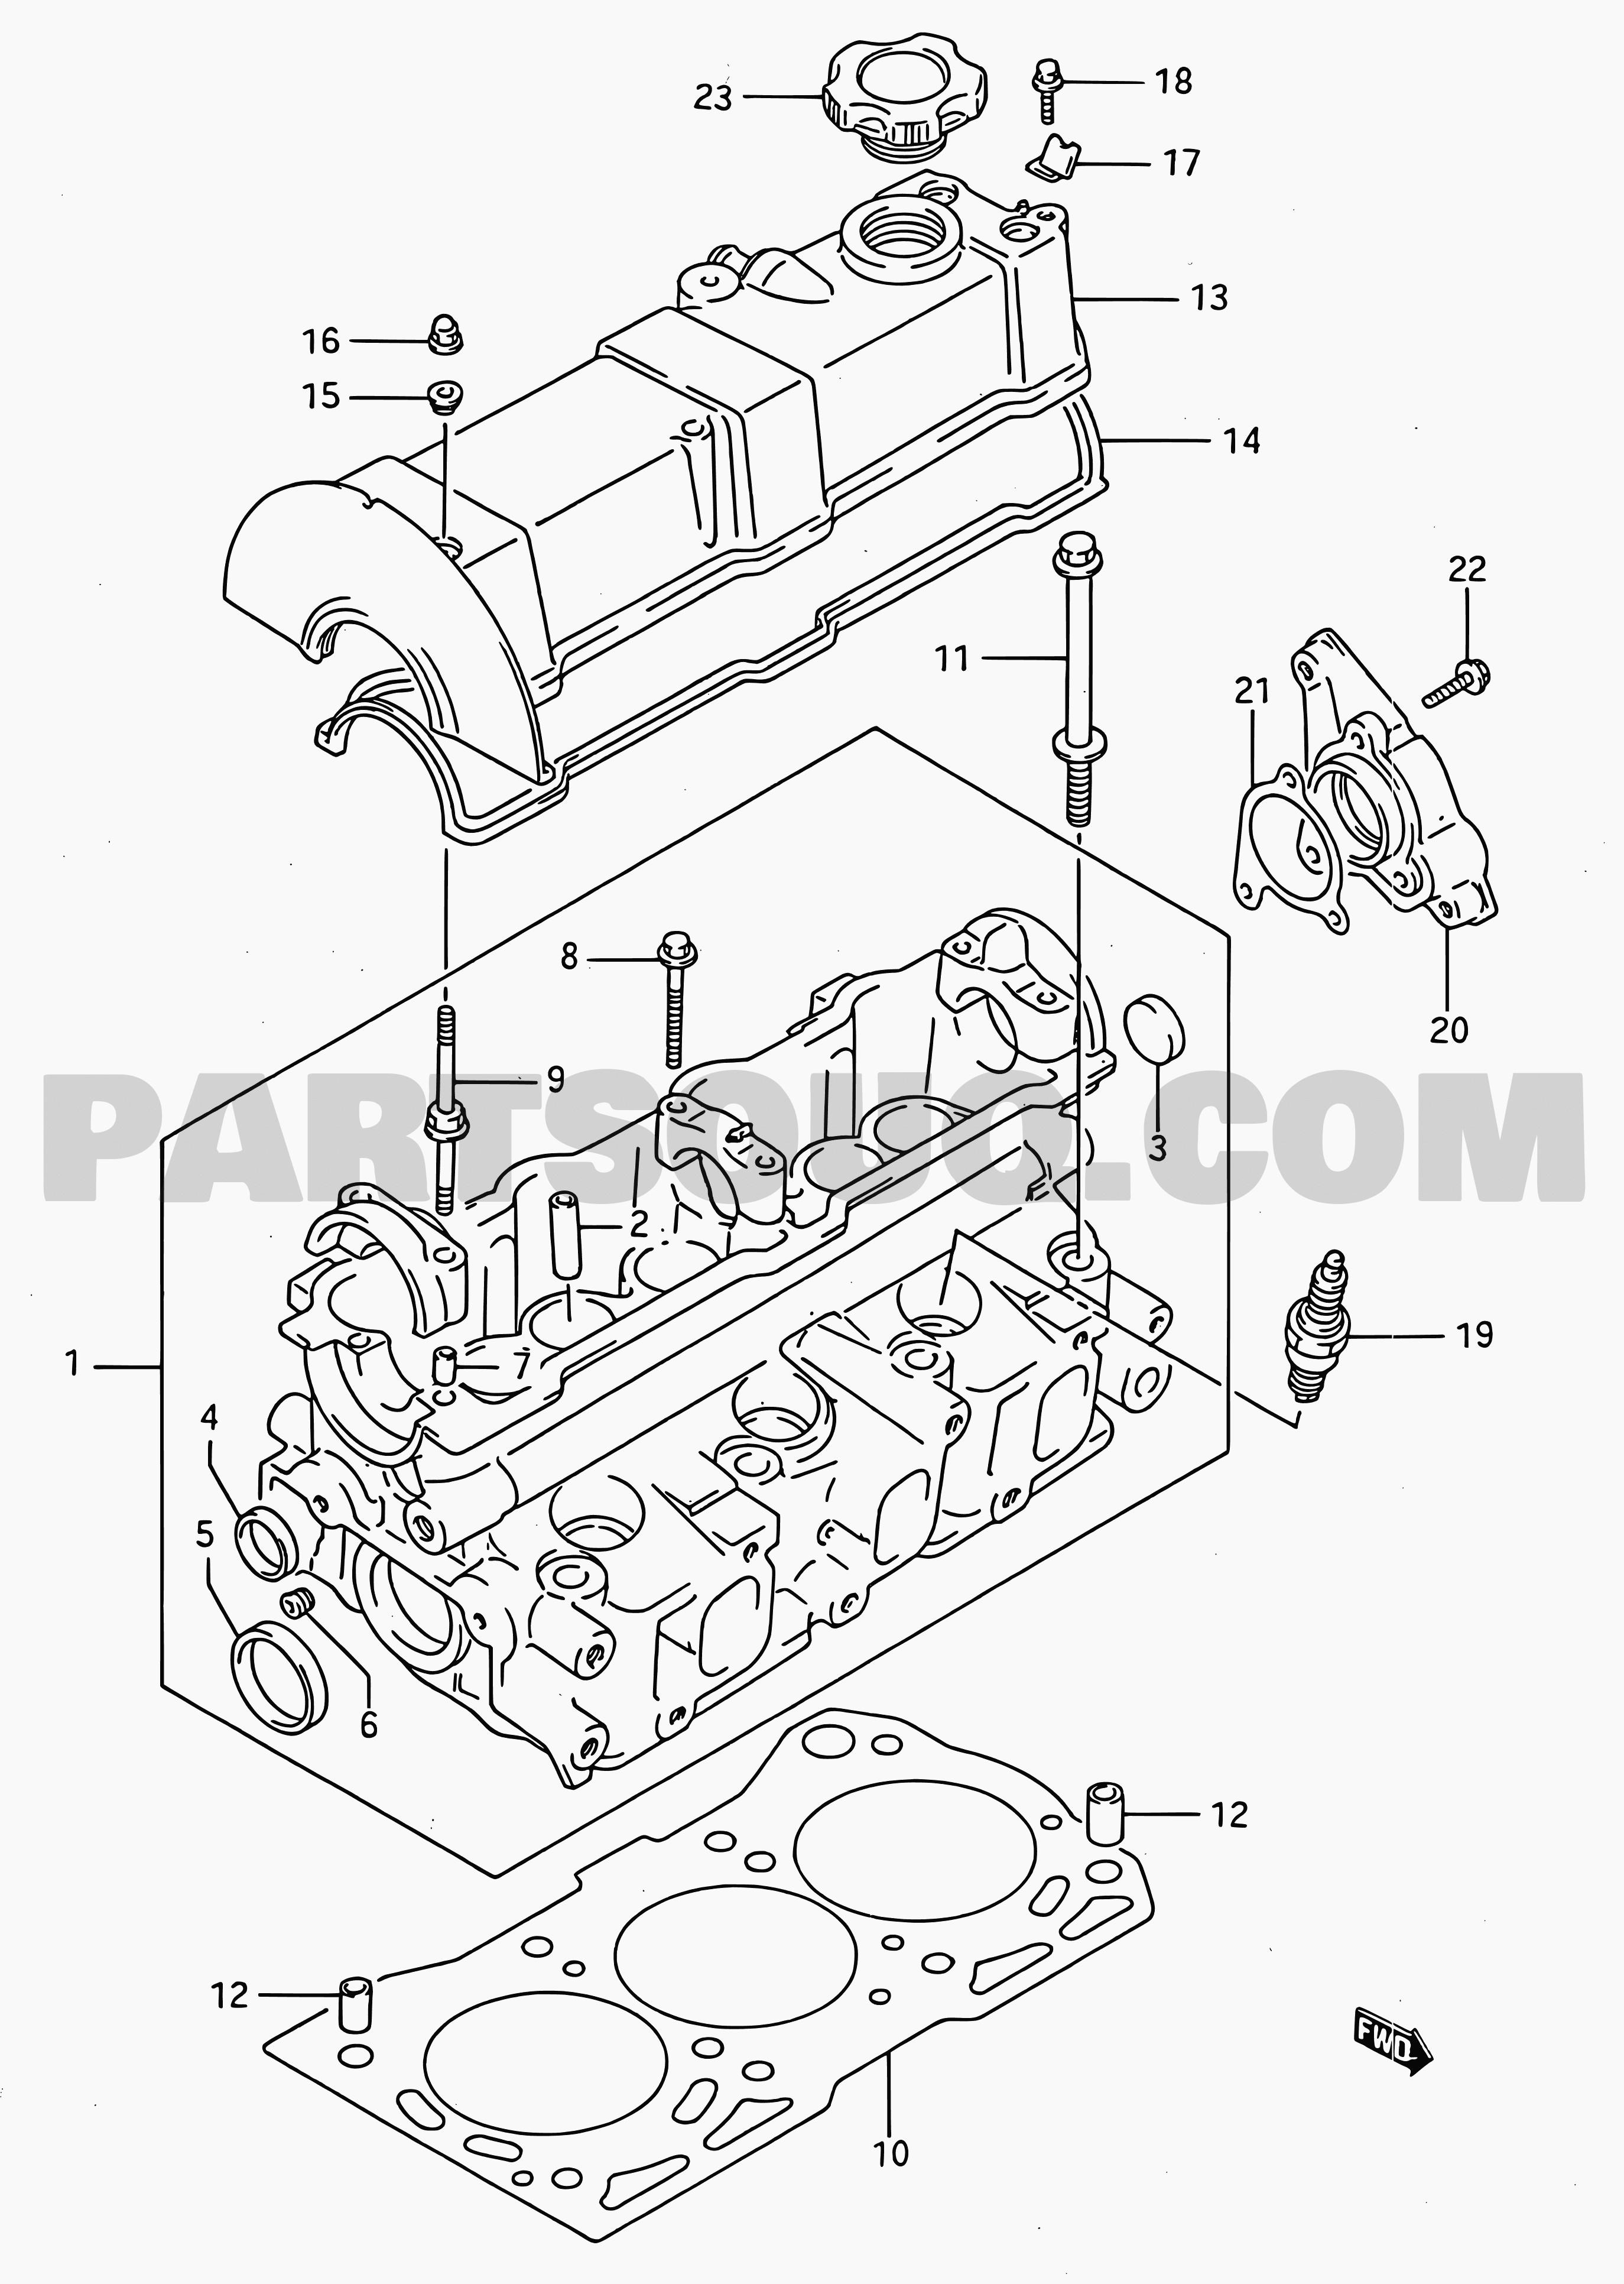 suzuki swift engine diagram suzuki 109a front body panel type 2 lhd  u2013 my wiring diagram